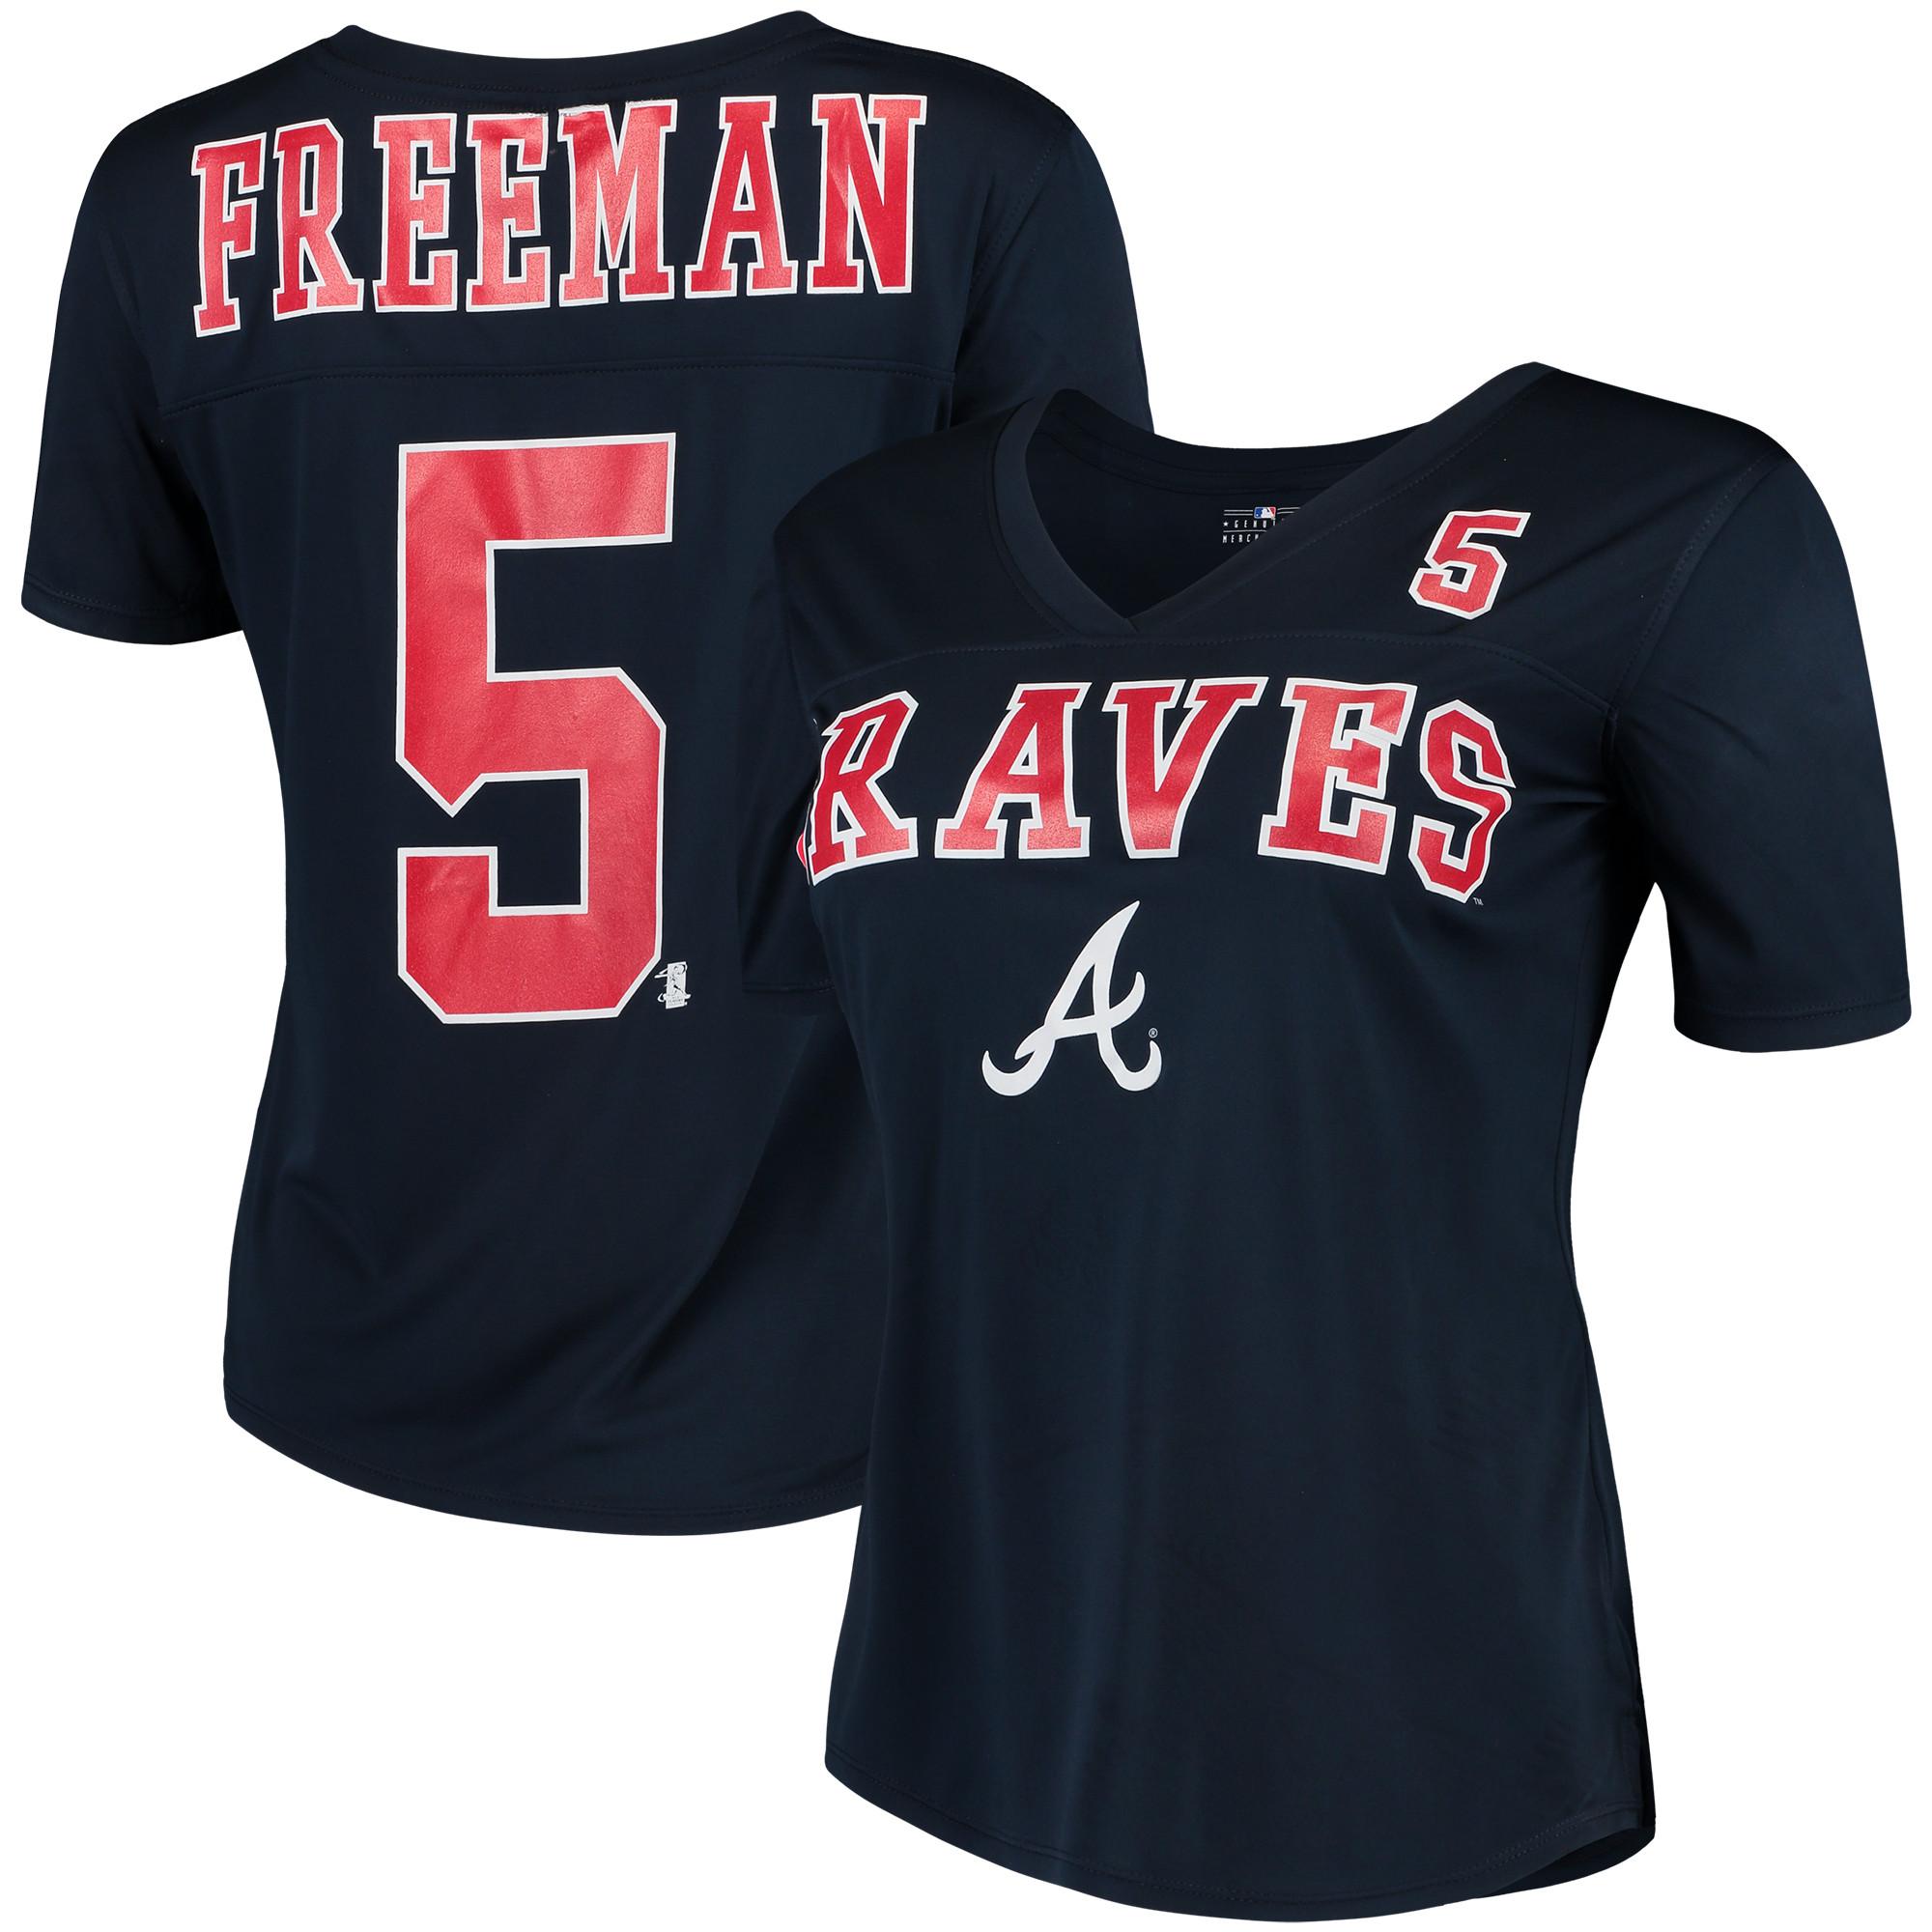 Women's New Era Freddie Freeman Navy Atlanta Braves Name & Number T-Shirt